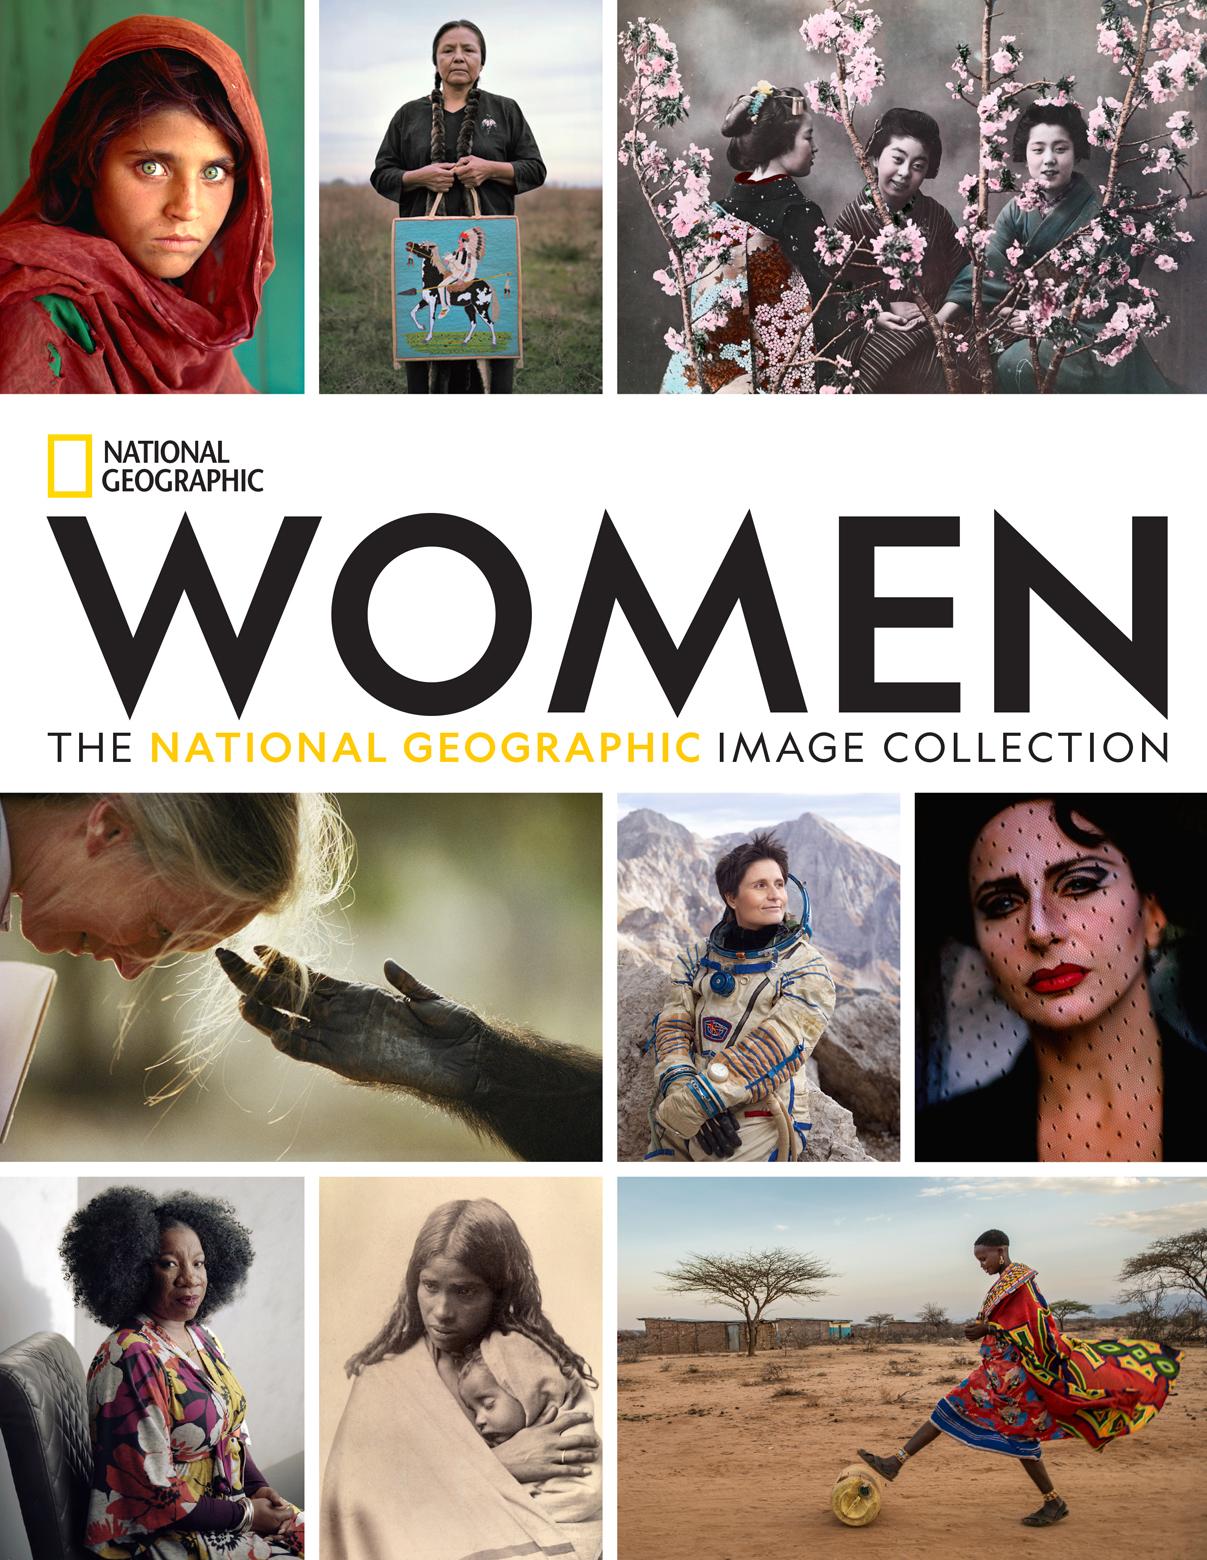 Το βιβλίο «Women: The National Geographic Image Collection» περιλαμβάνει περισσότερες από 300 εκπληκτικές εικόνες από 50 διαφορετικές χώρες